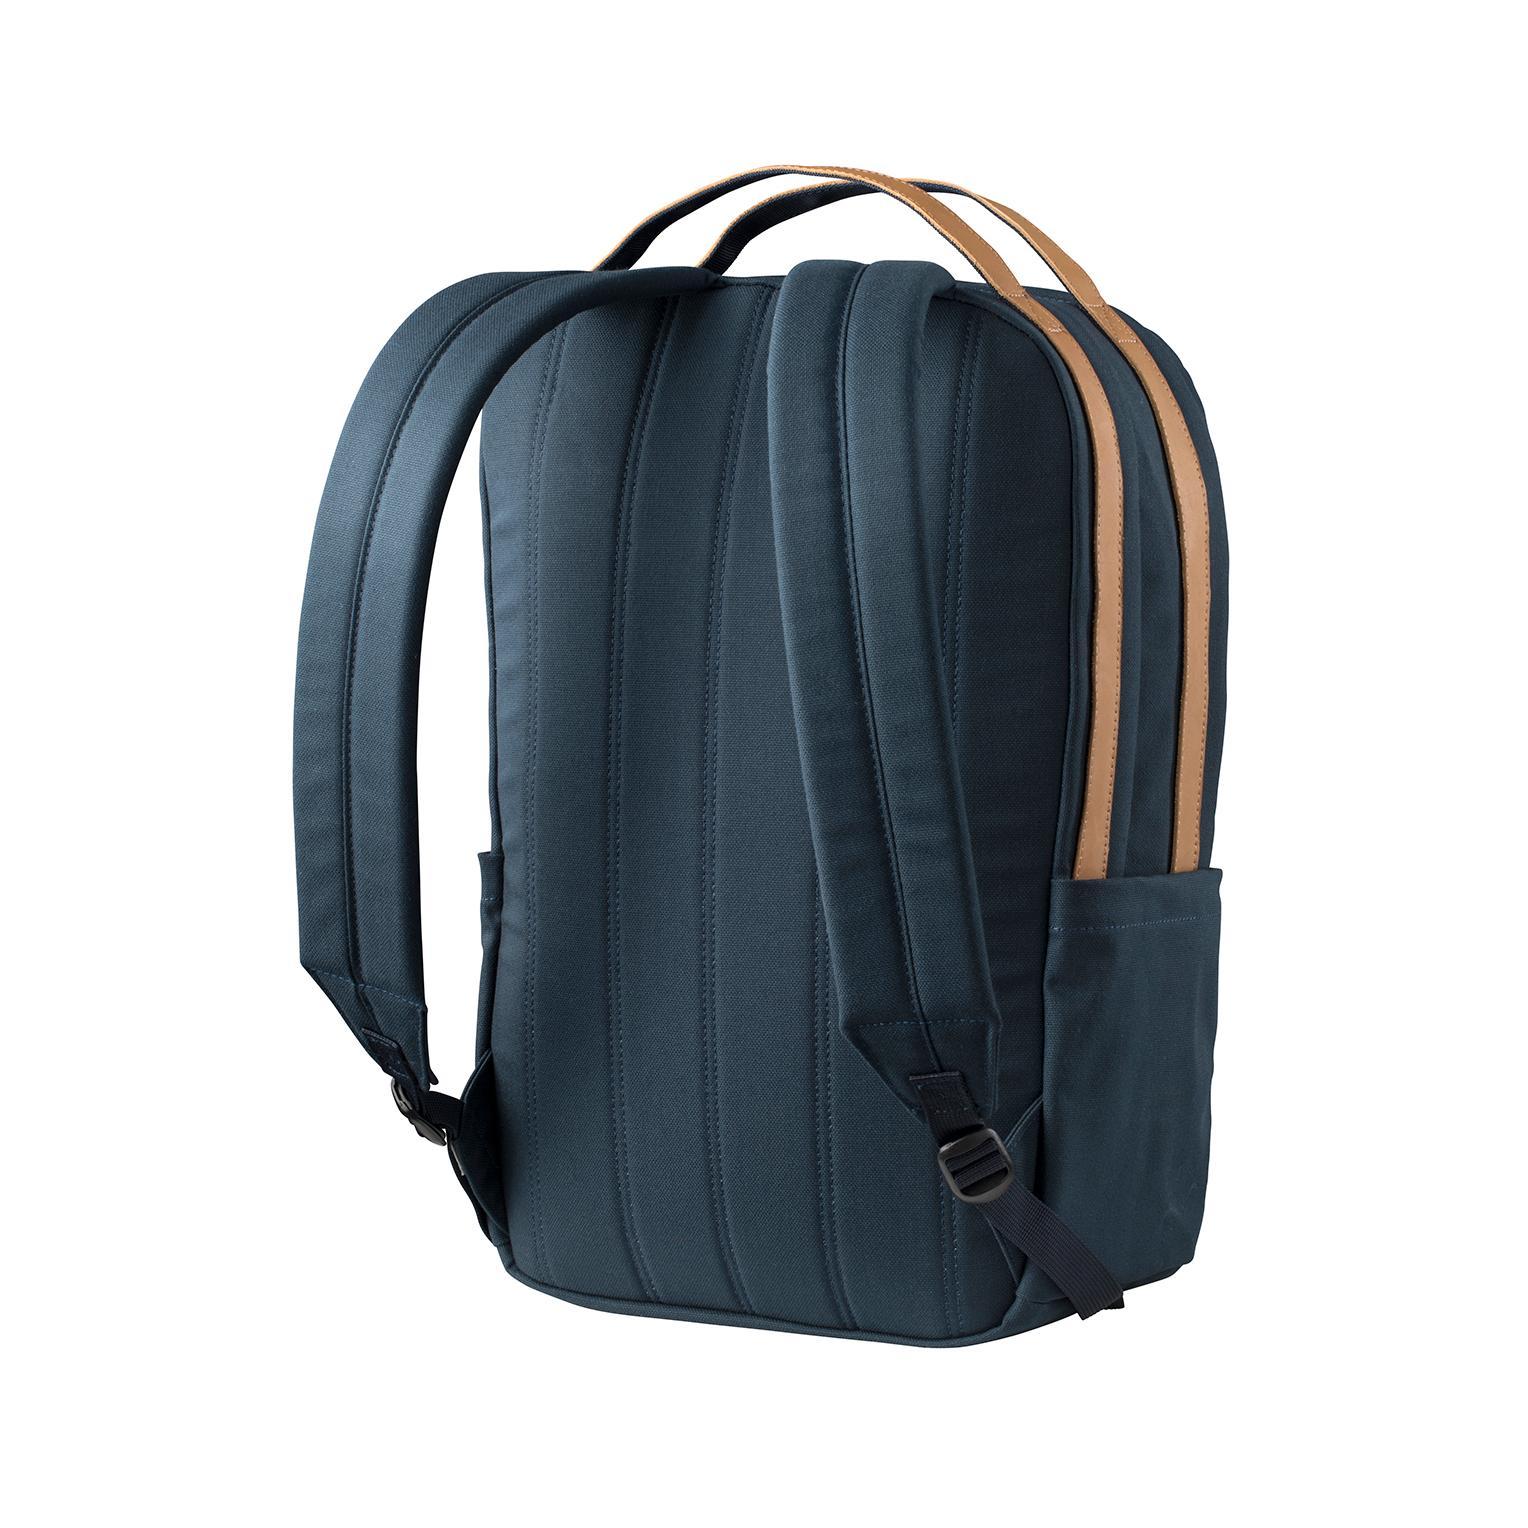 f4b519de8d4af Helly Hansen - Blue Copenhagen Backpack for Men - Lyst. View fullscreen